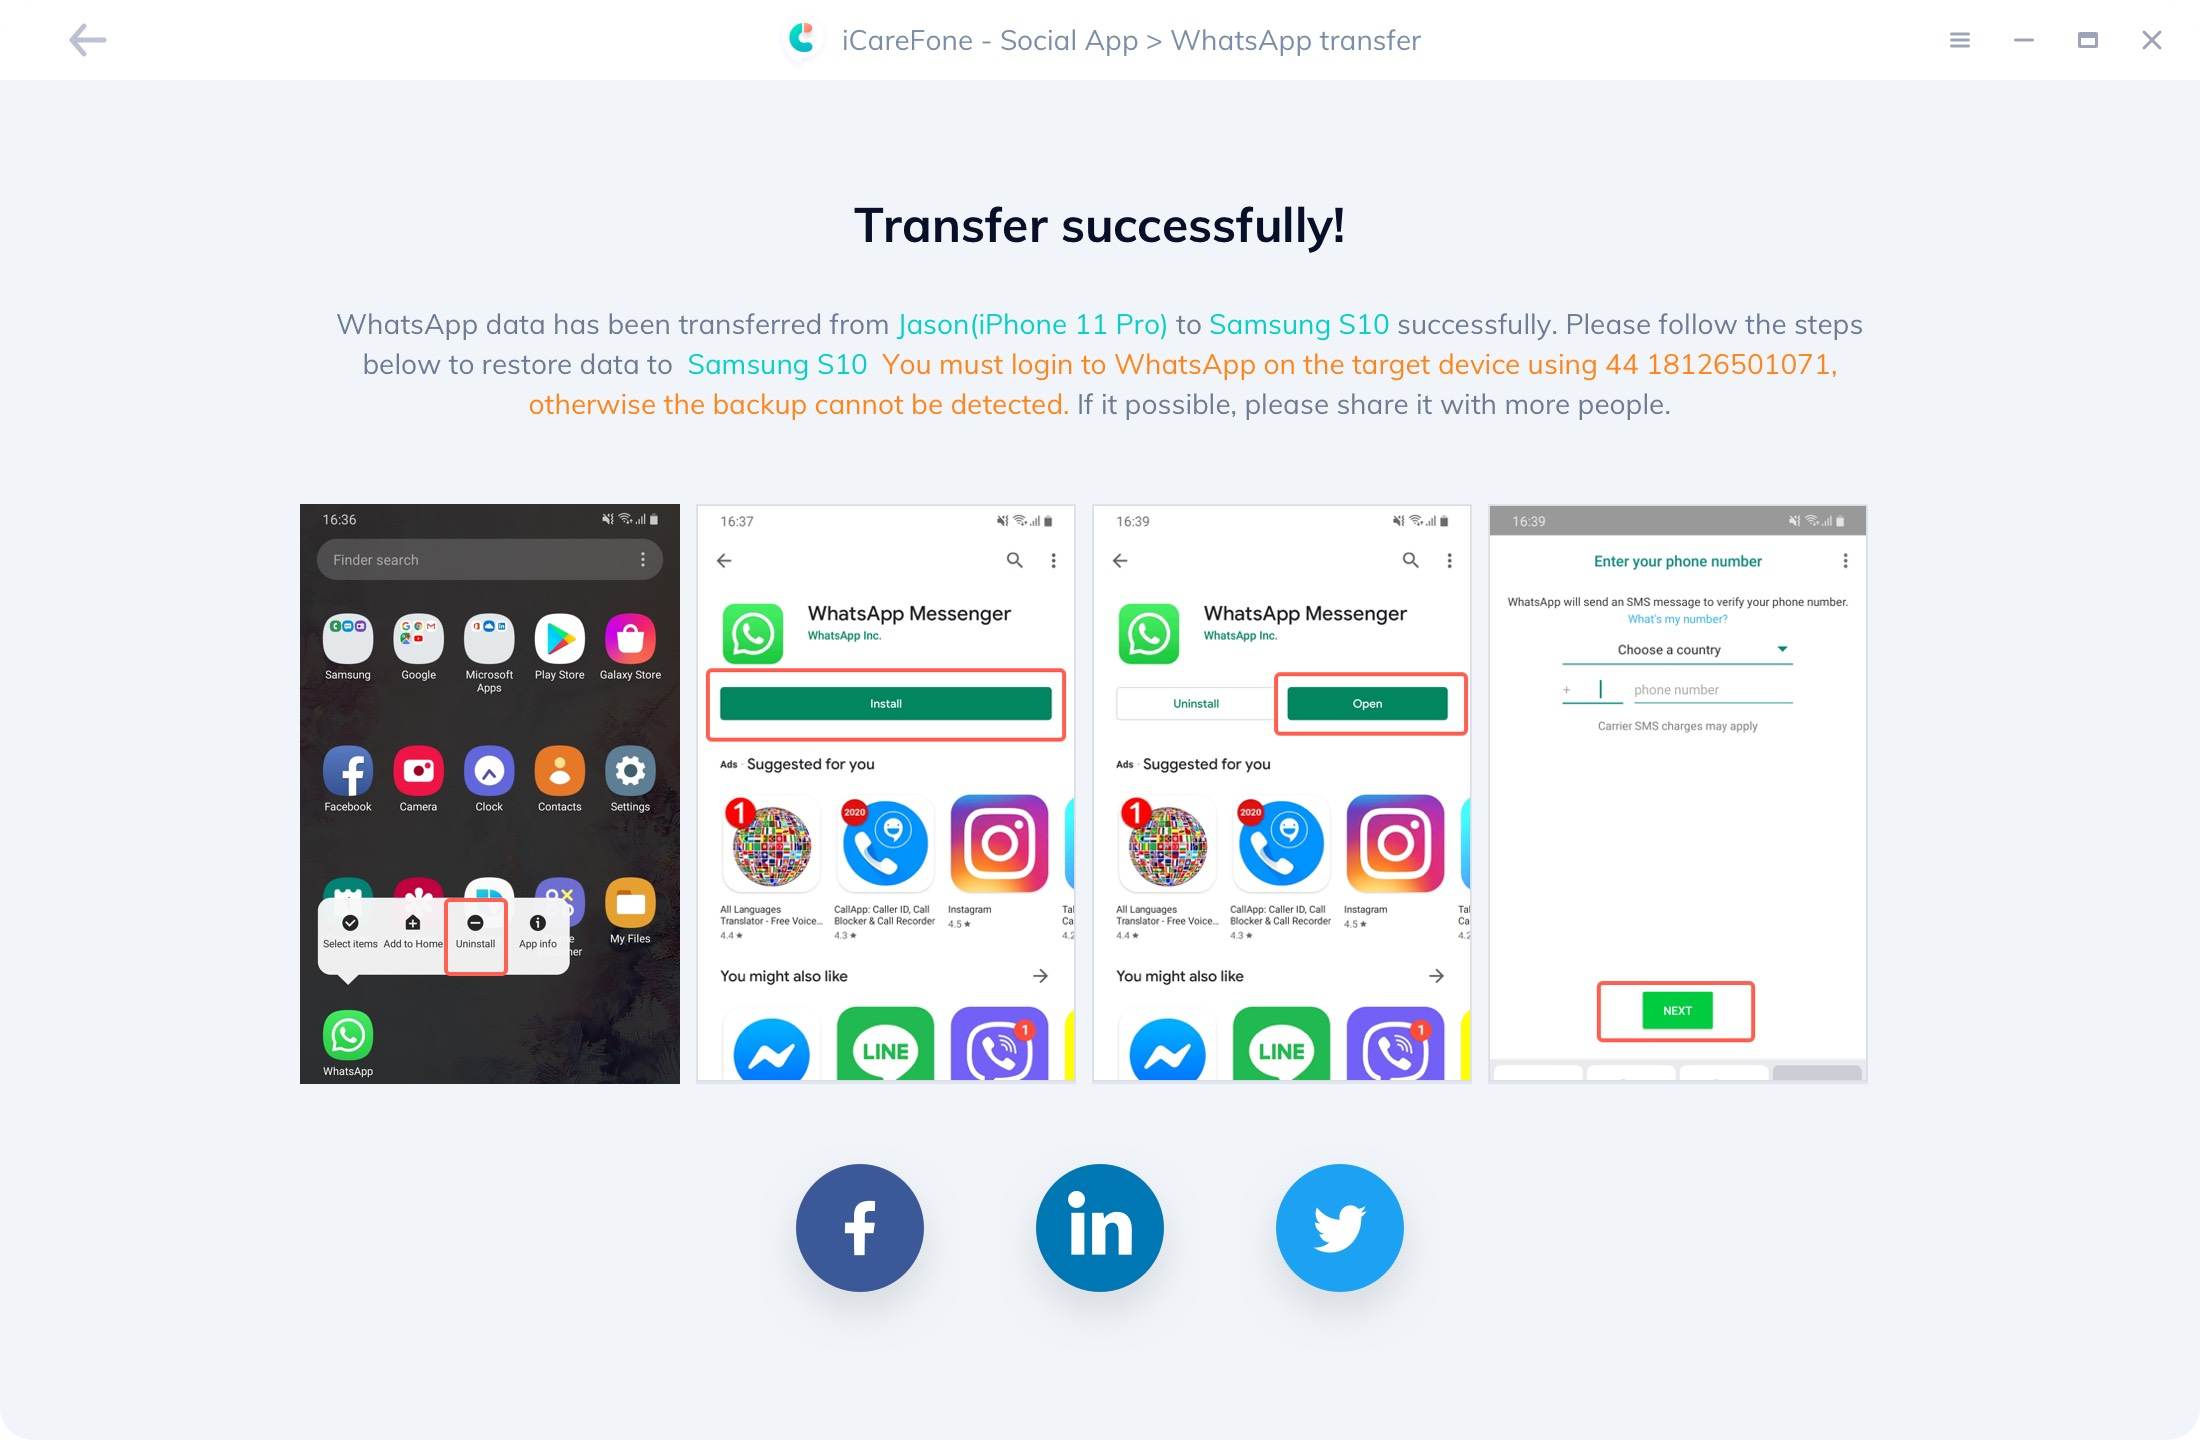 Transferir mensajes de WhatsApp con éxito - guía